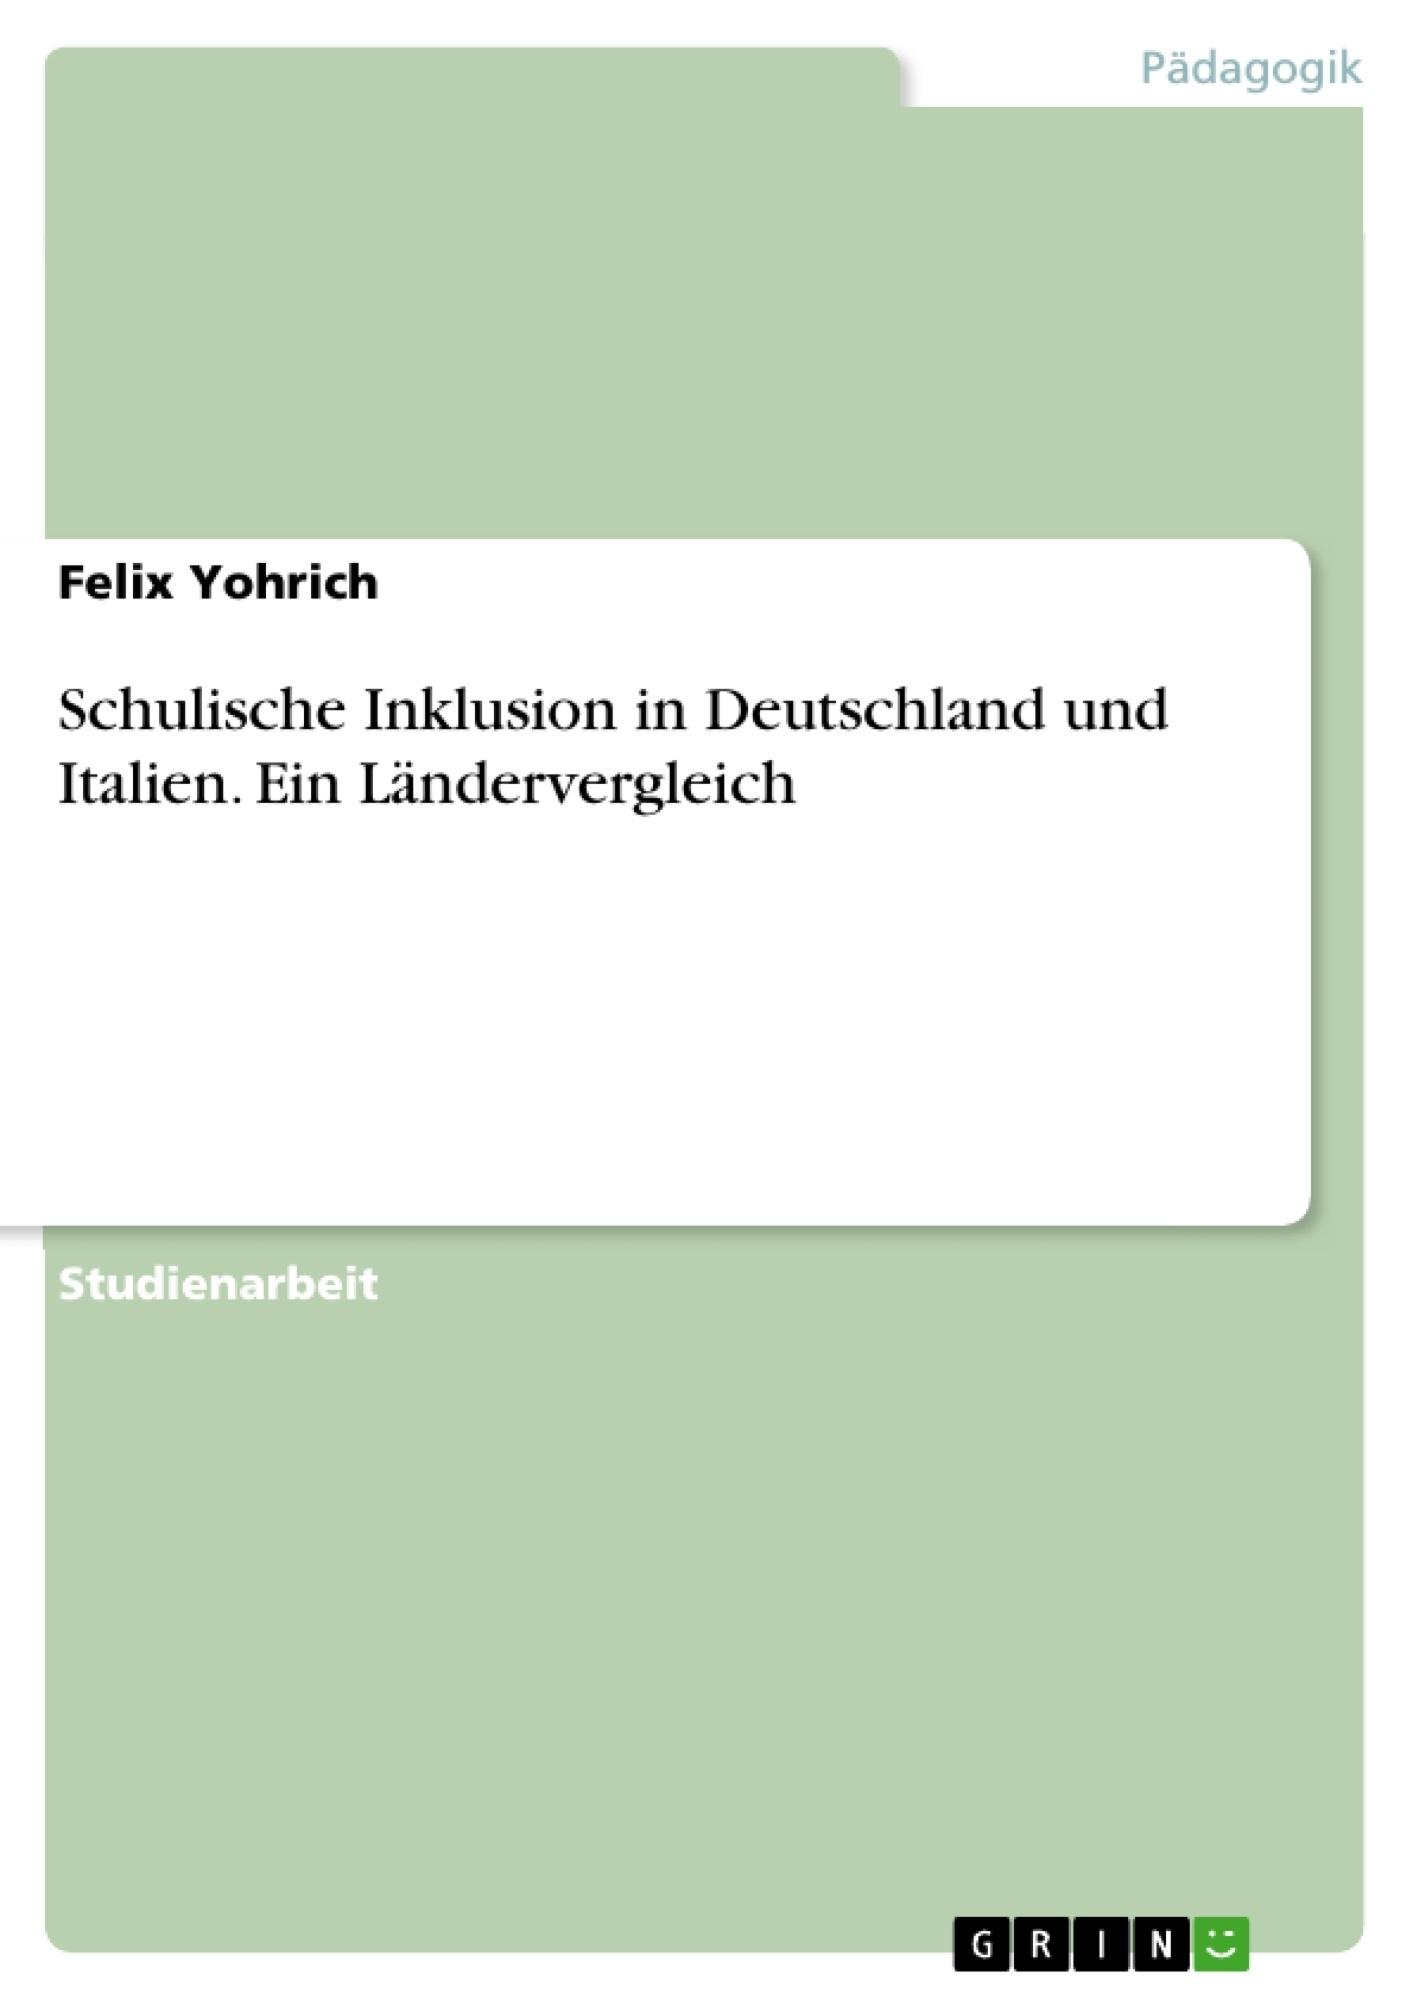 Titel: Schulische Inklusion in Deutschland und Italien. Ein Ländervergleich